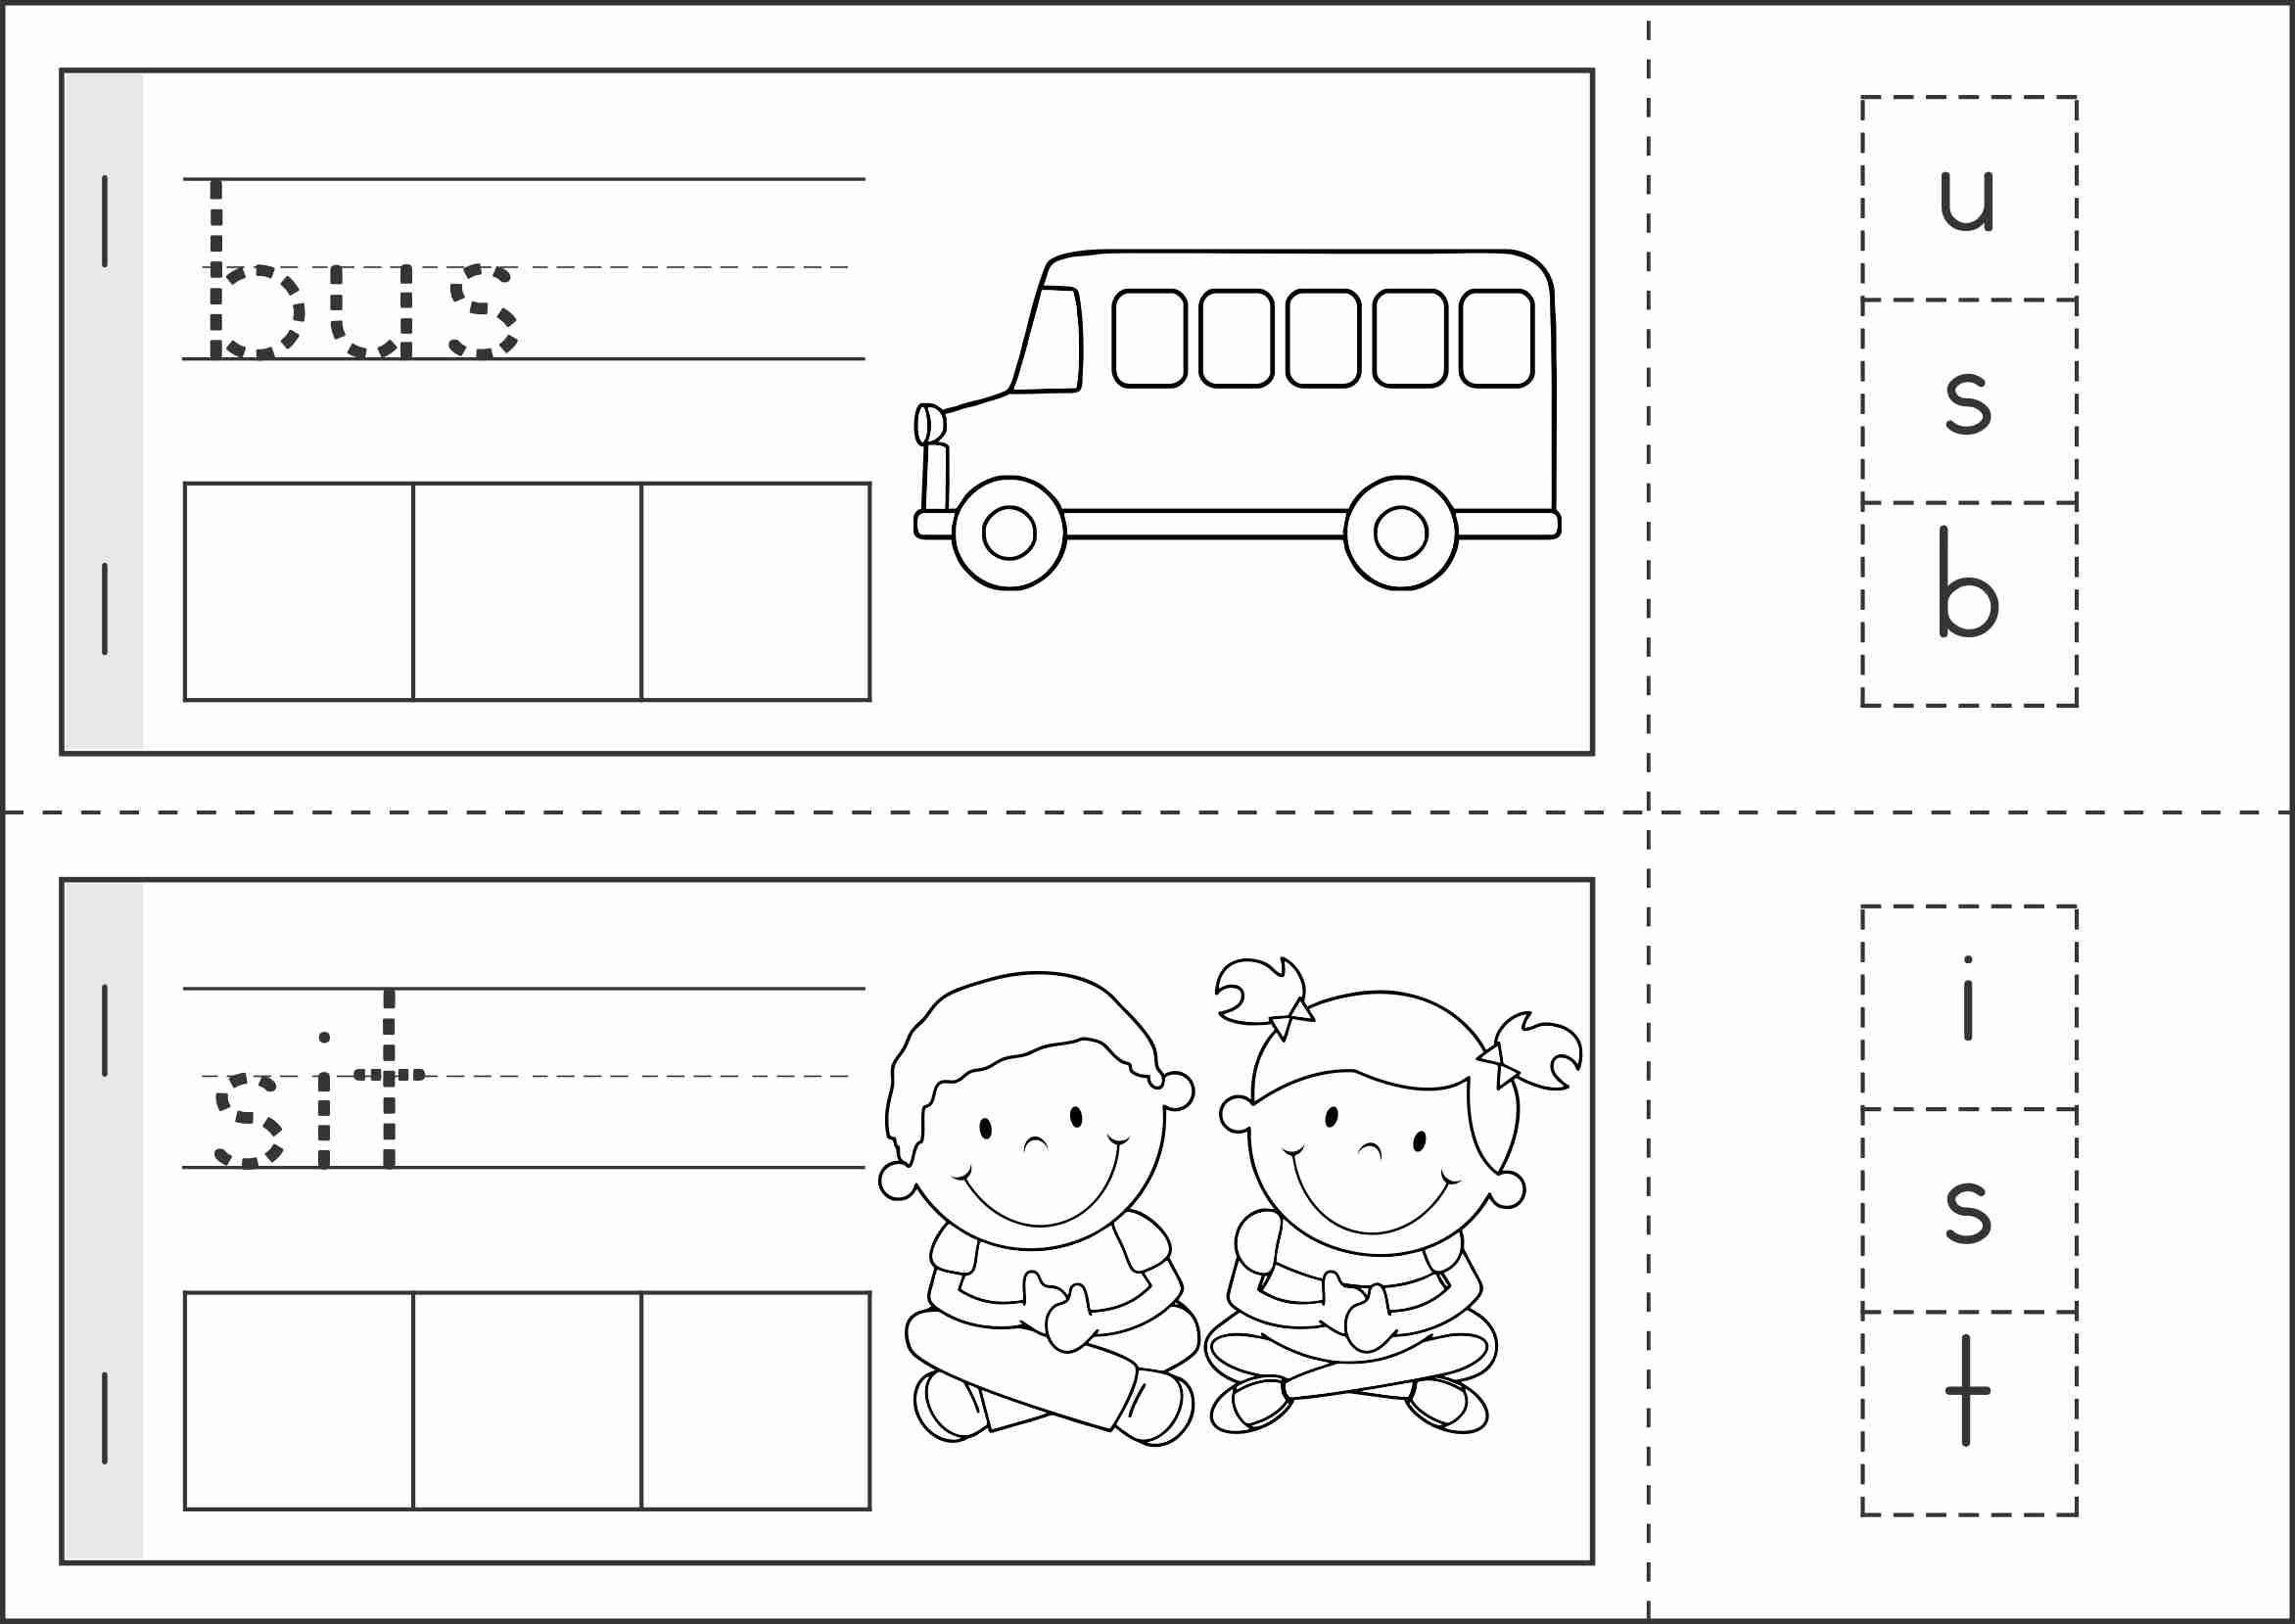 Free Printable Back To School Worksheets For Preschoolers